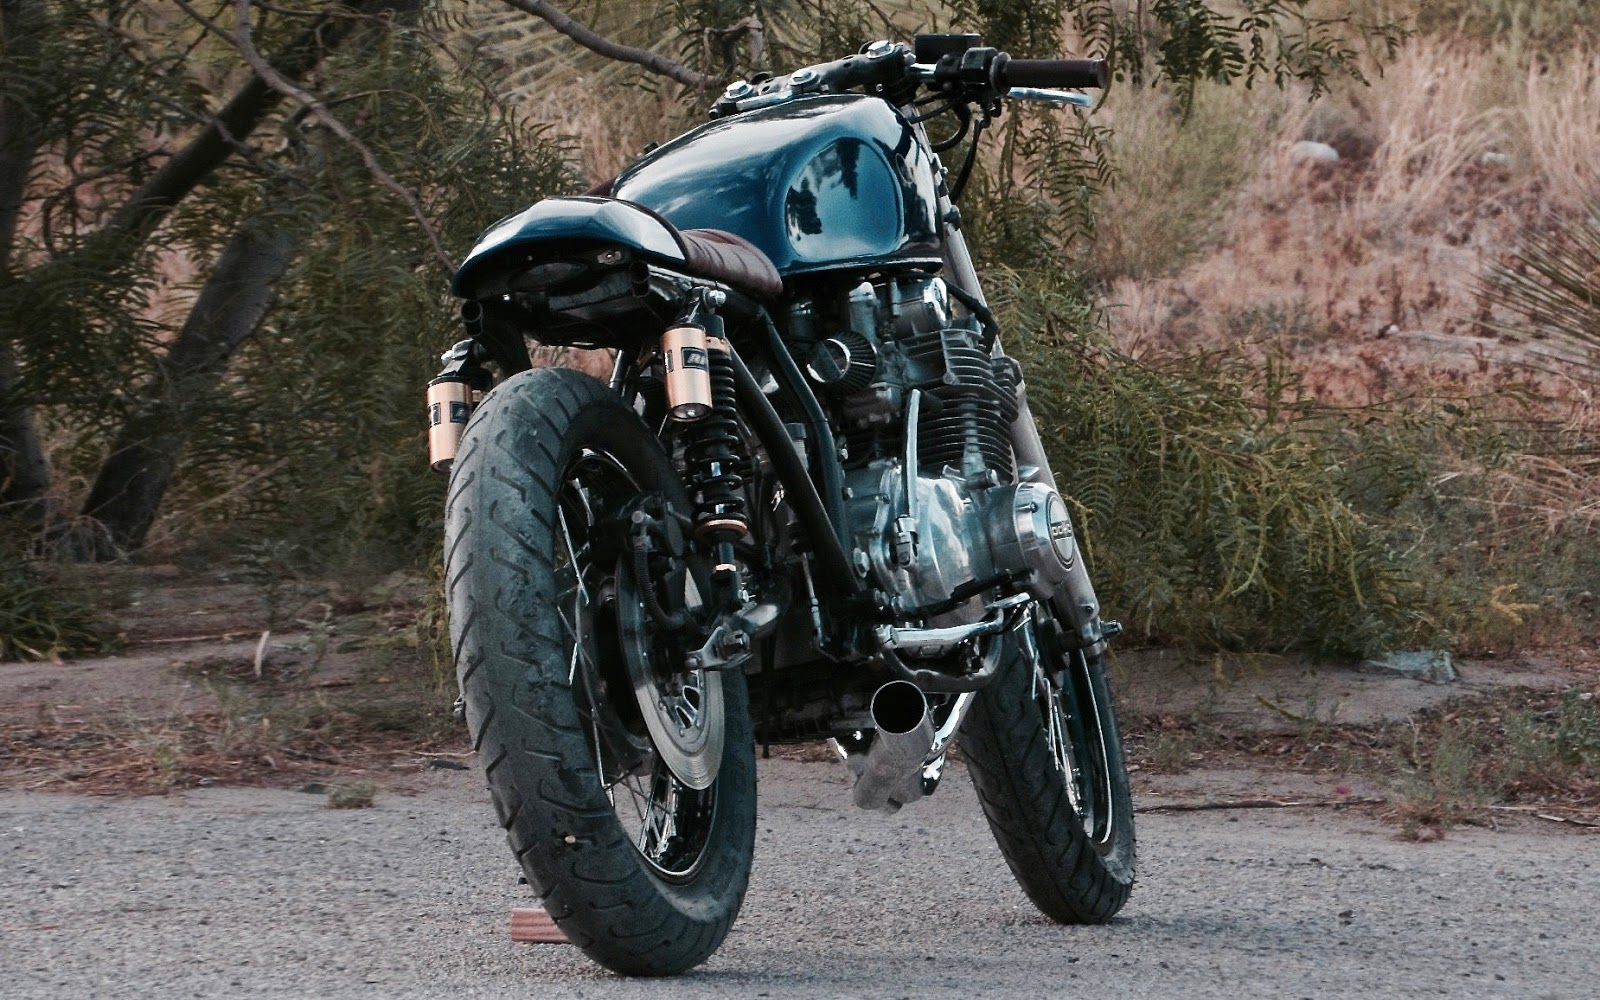 bccaf89f2 chicas warriors peru - motocicletas custom